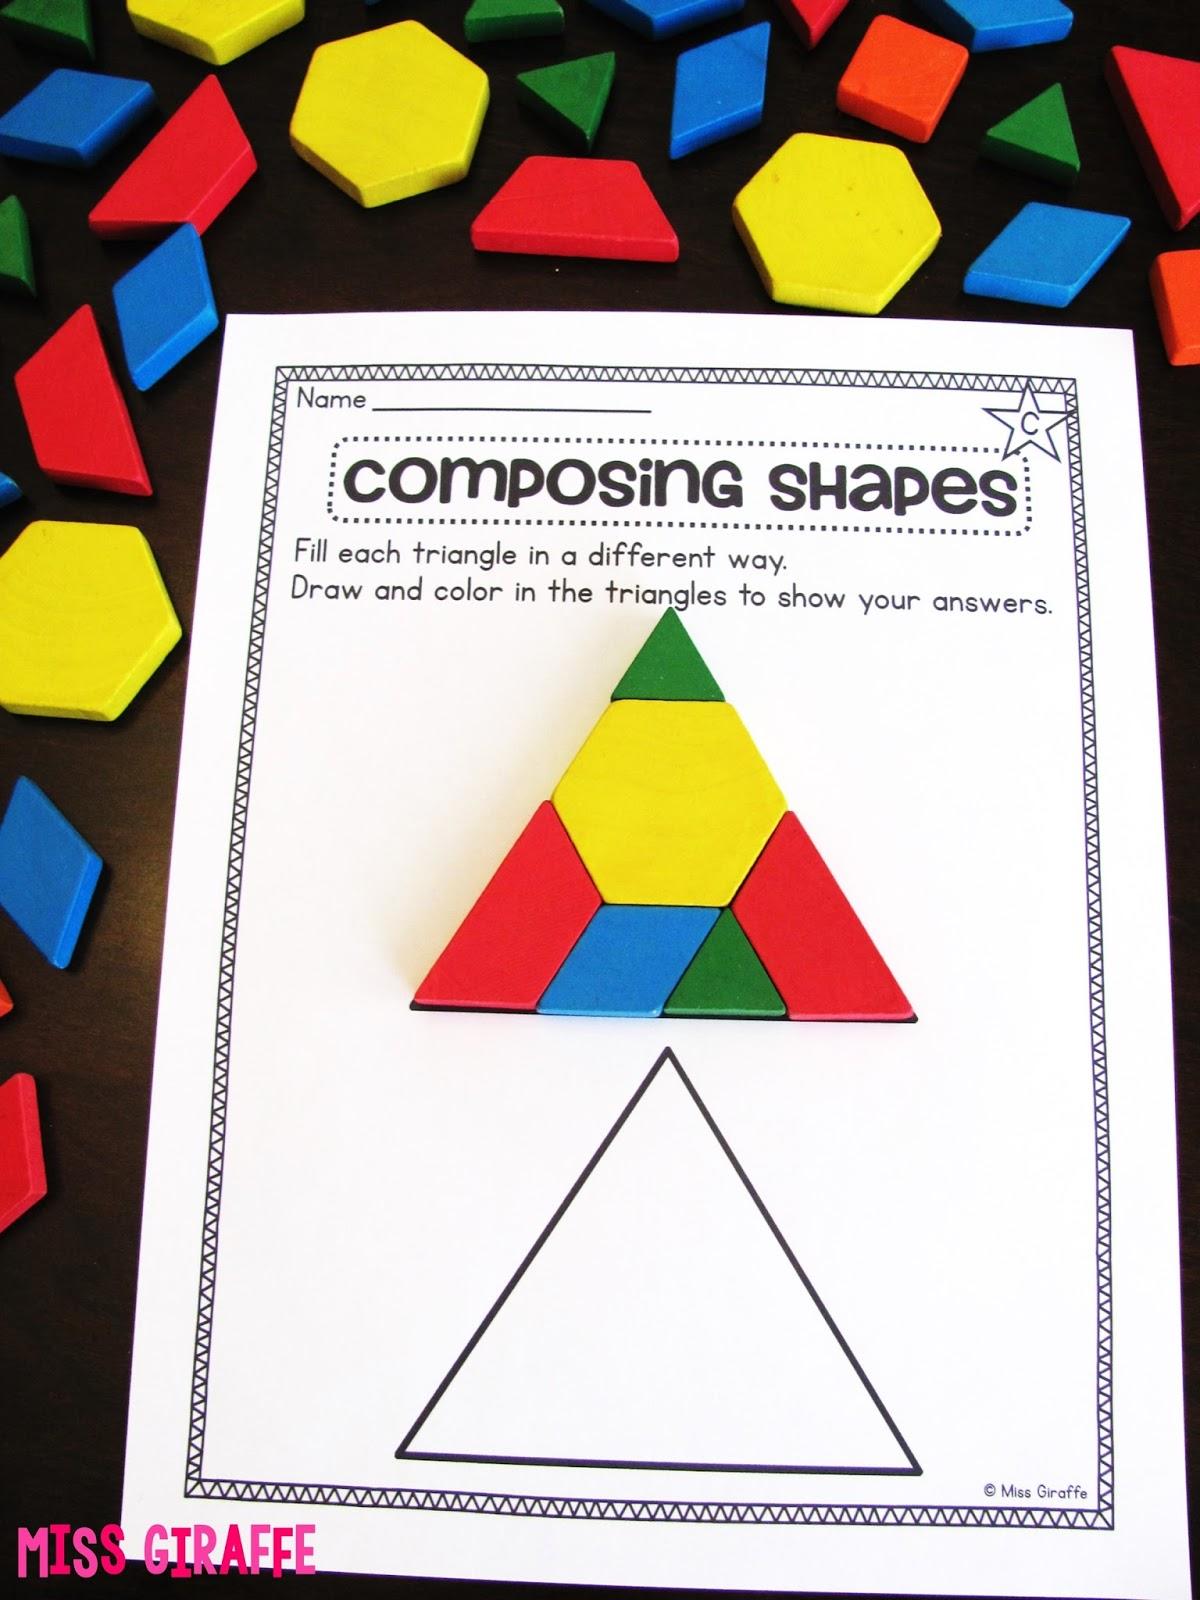 medium resolution of Miss Giraffe's Class: Composing Shapes in 1st Grade